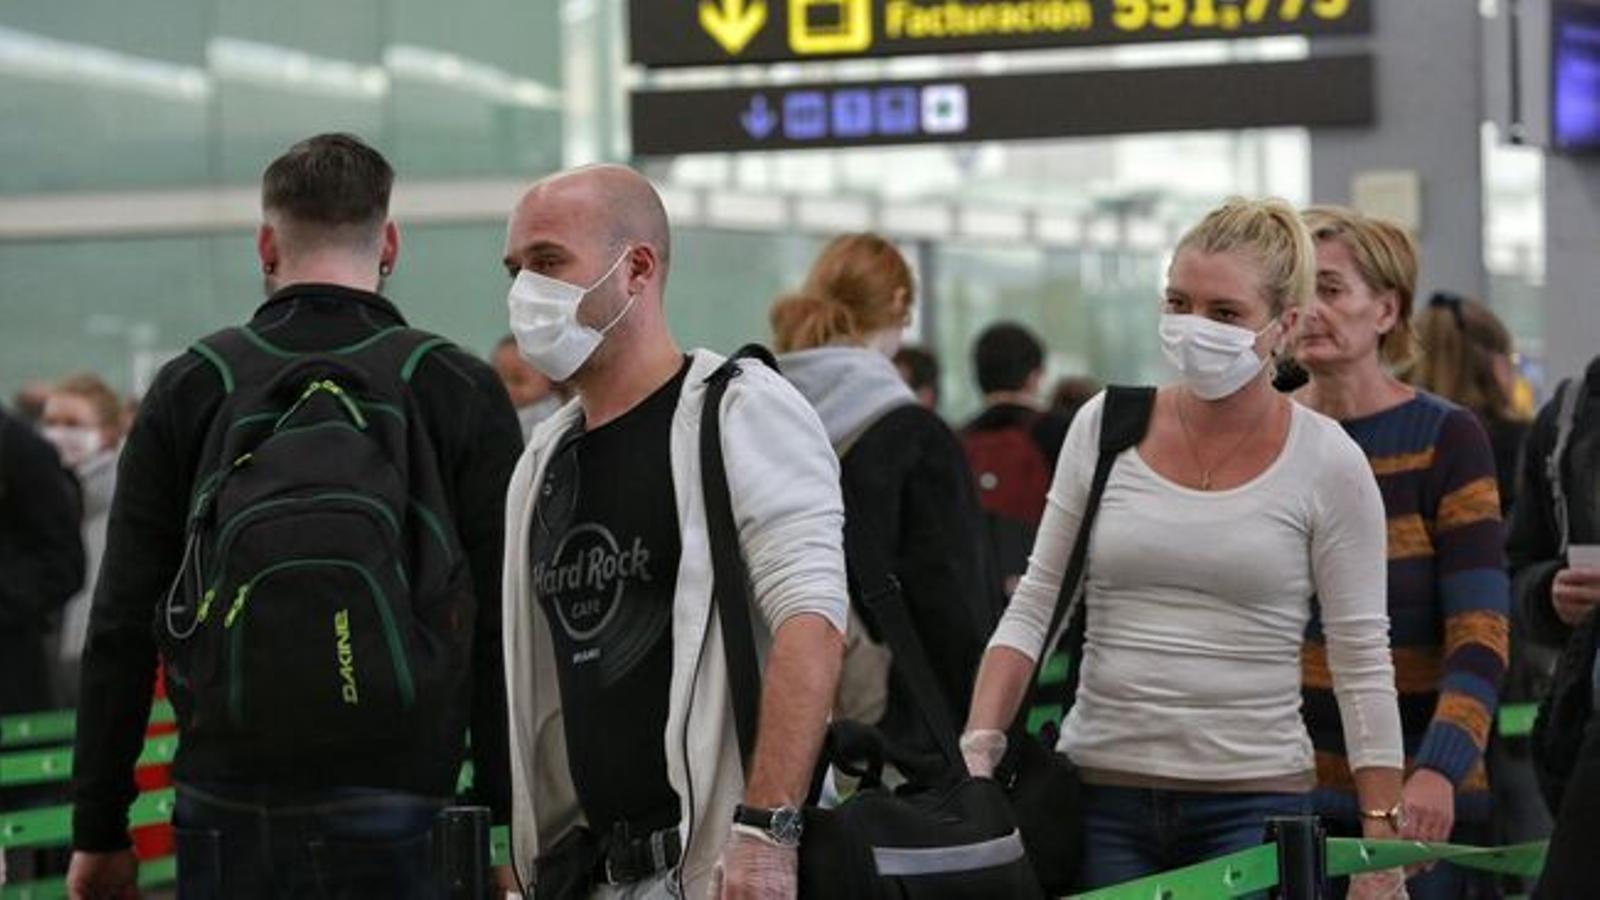 Molts del passatgers que avui circulen per l'aeroport porten mascaretes de protecció pel coronavirus / CRISTINA CALDERER